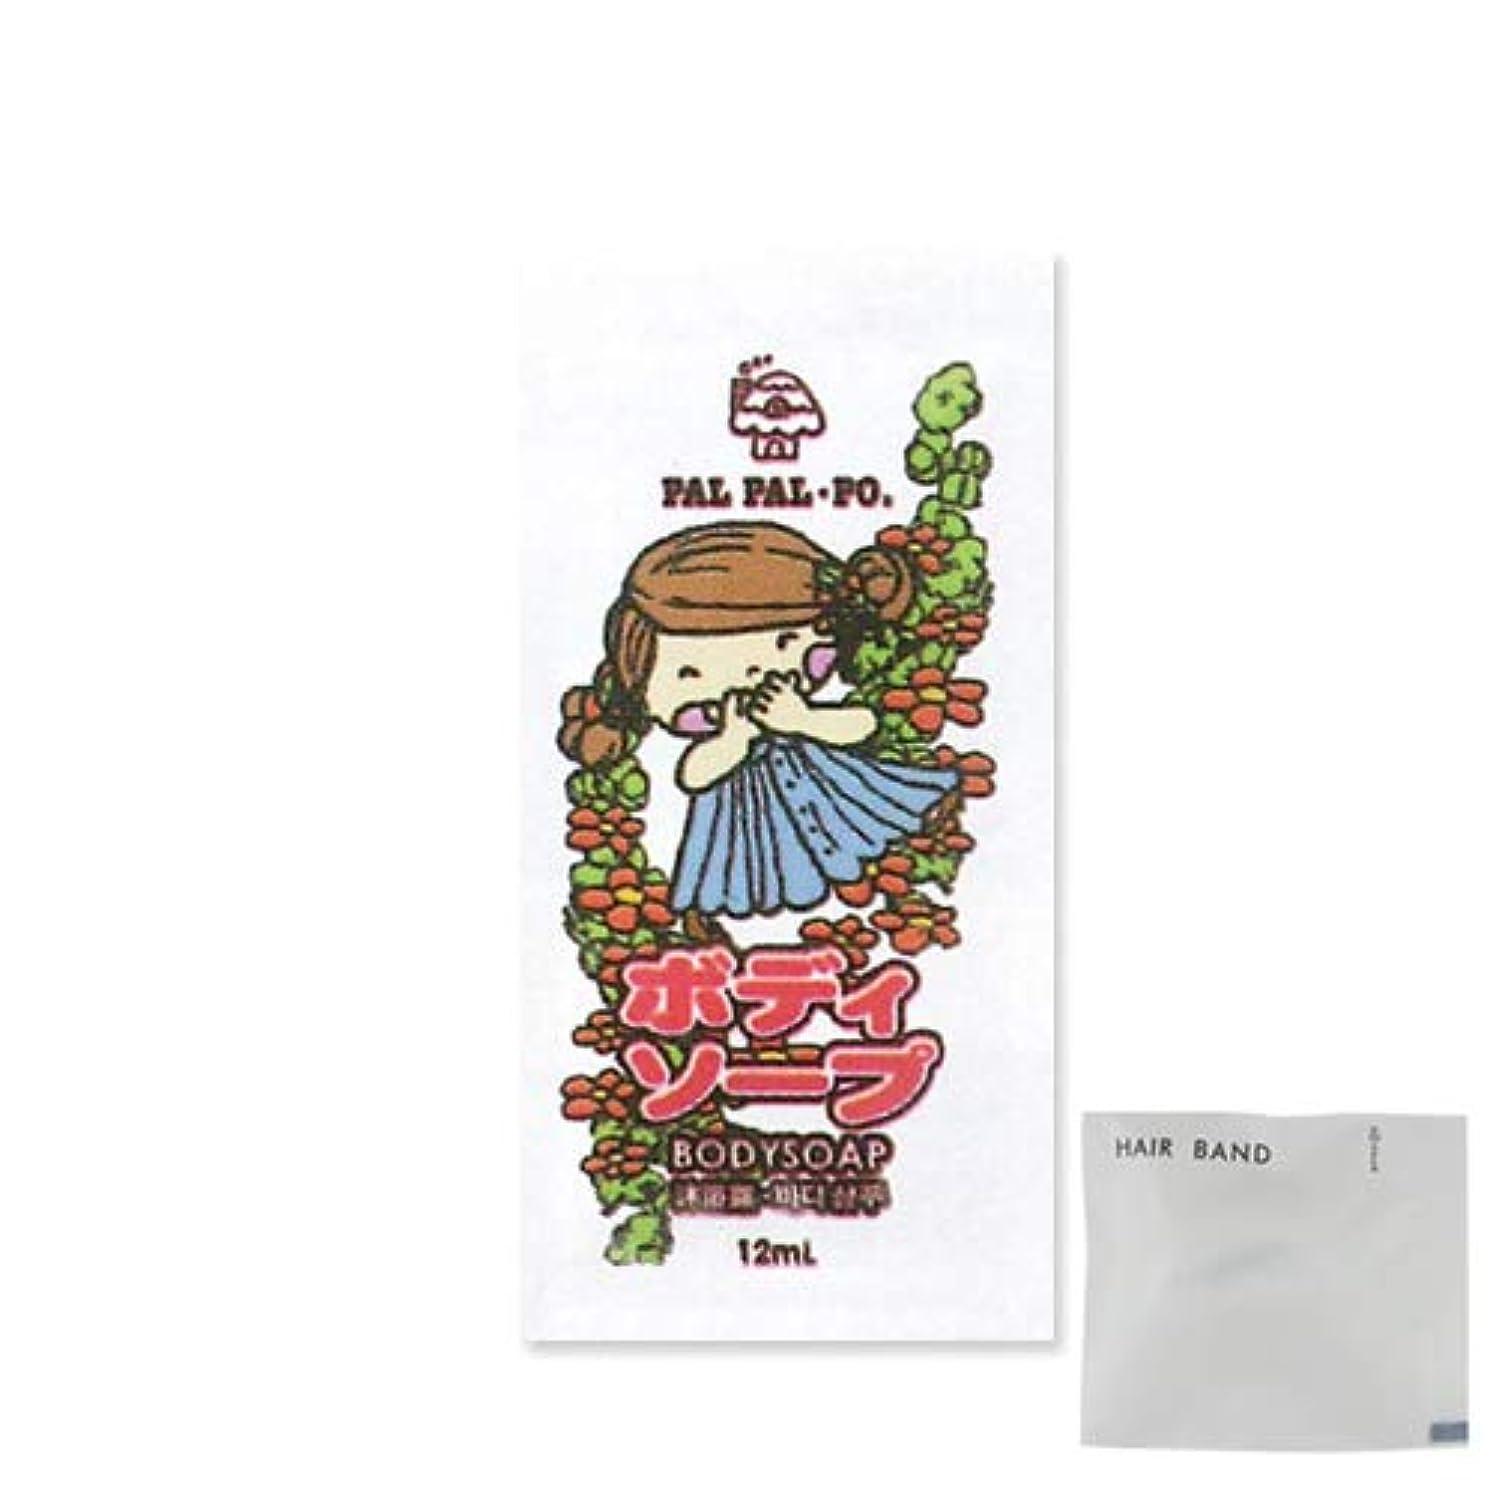 アリス透明にグラマーパルパルポー(PAL PAL?PO) 子供用 ボディソープ(12mL) フローラルの香り ×20個セット + ヘアゴム(カラーはおまかせ)セット